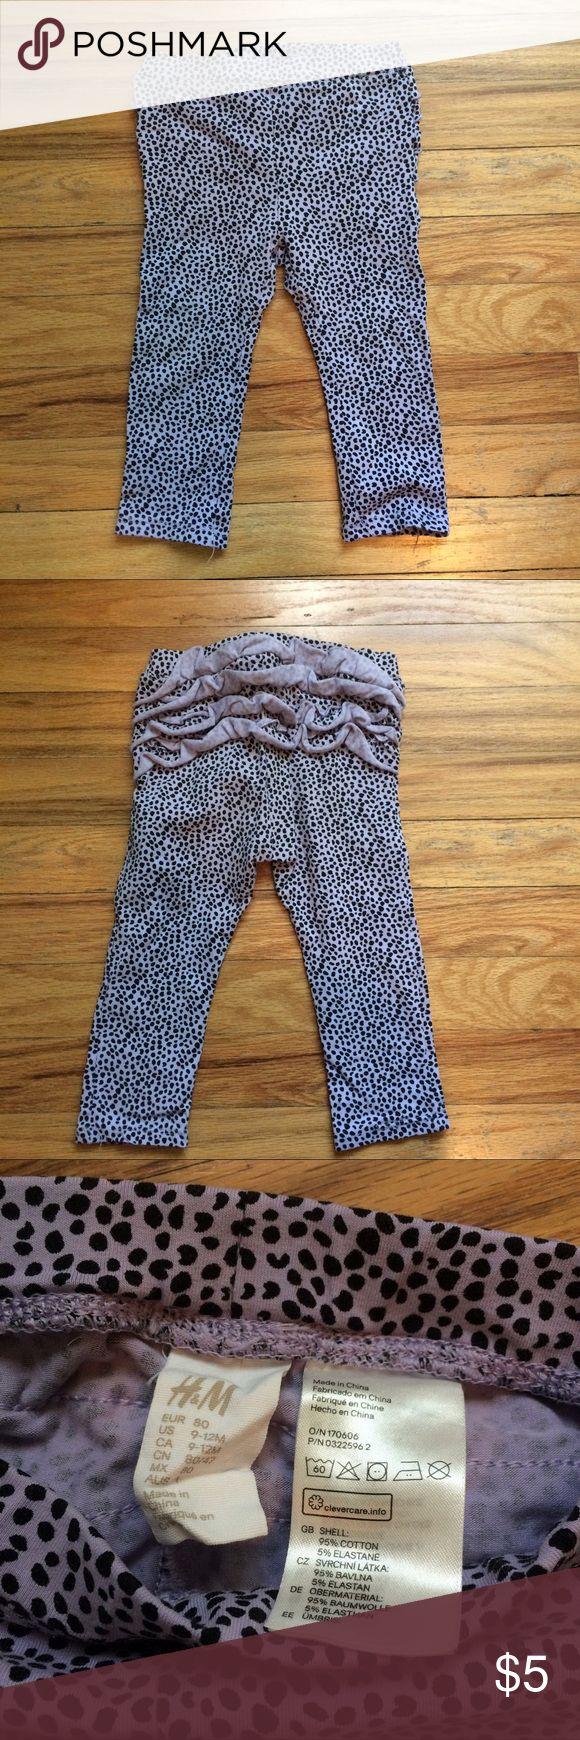 H&M leggings. 9-12 m H&M leggings. Ruffle back. 9-12 m H&M Bottoms Leggings